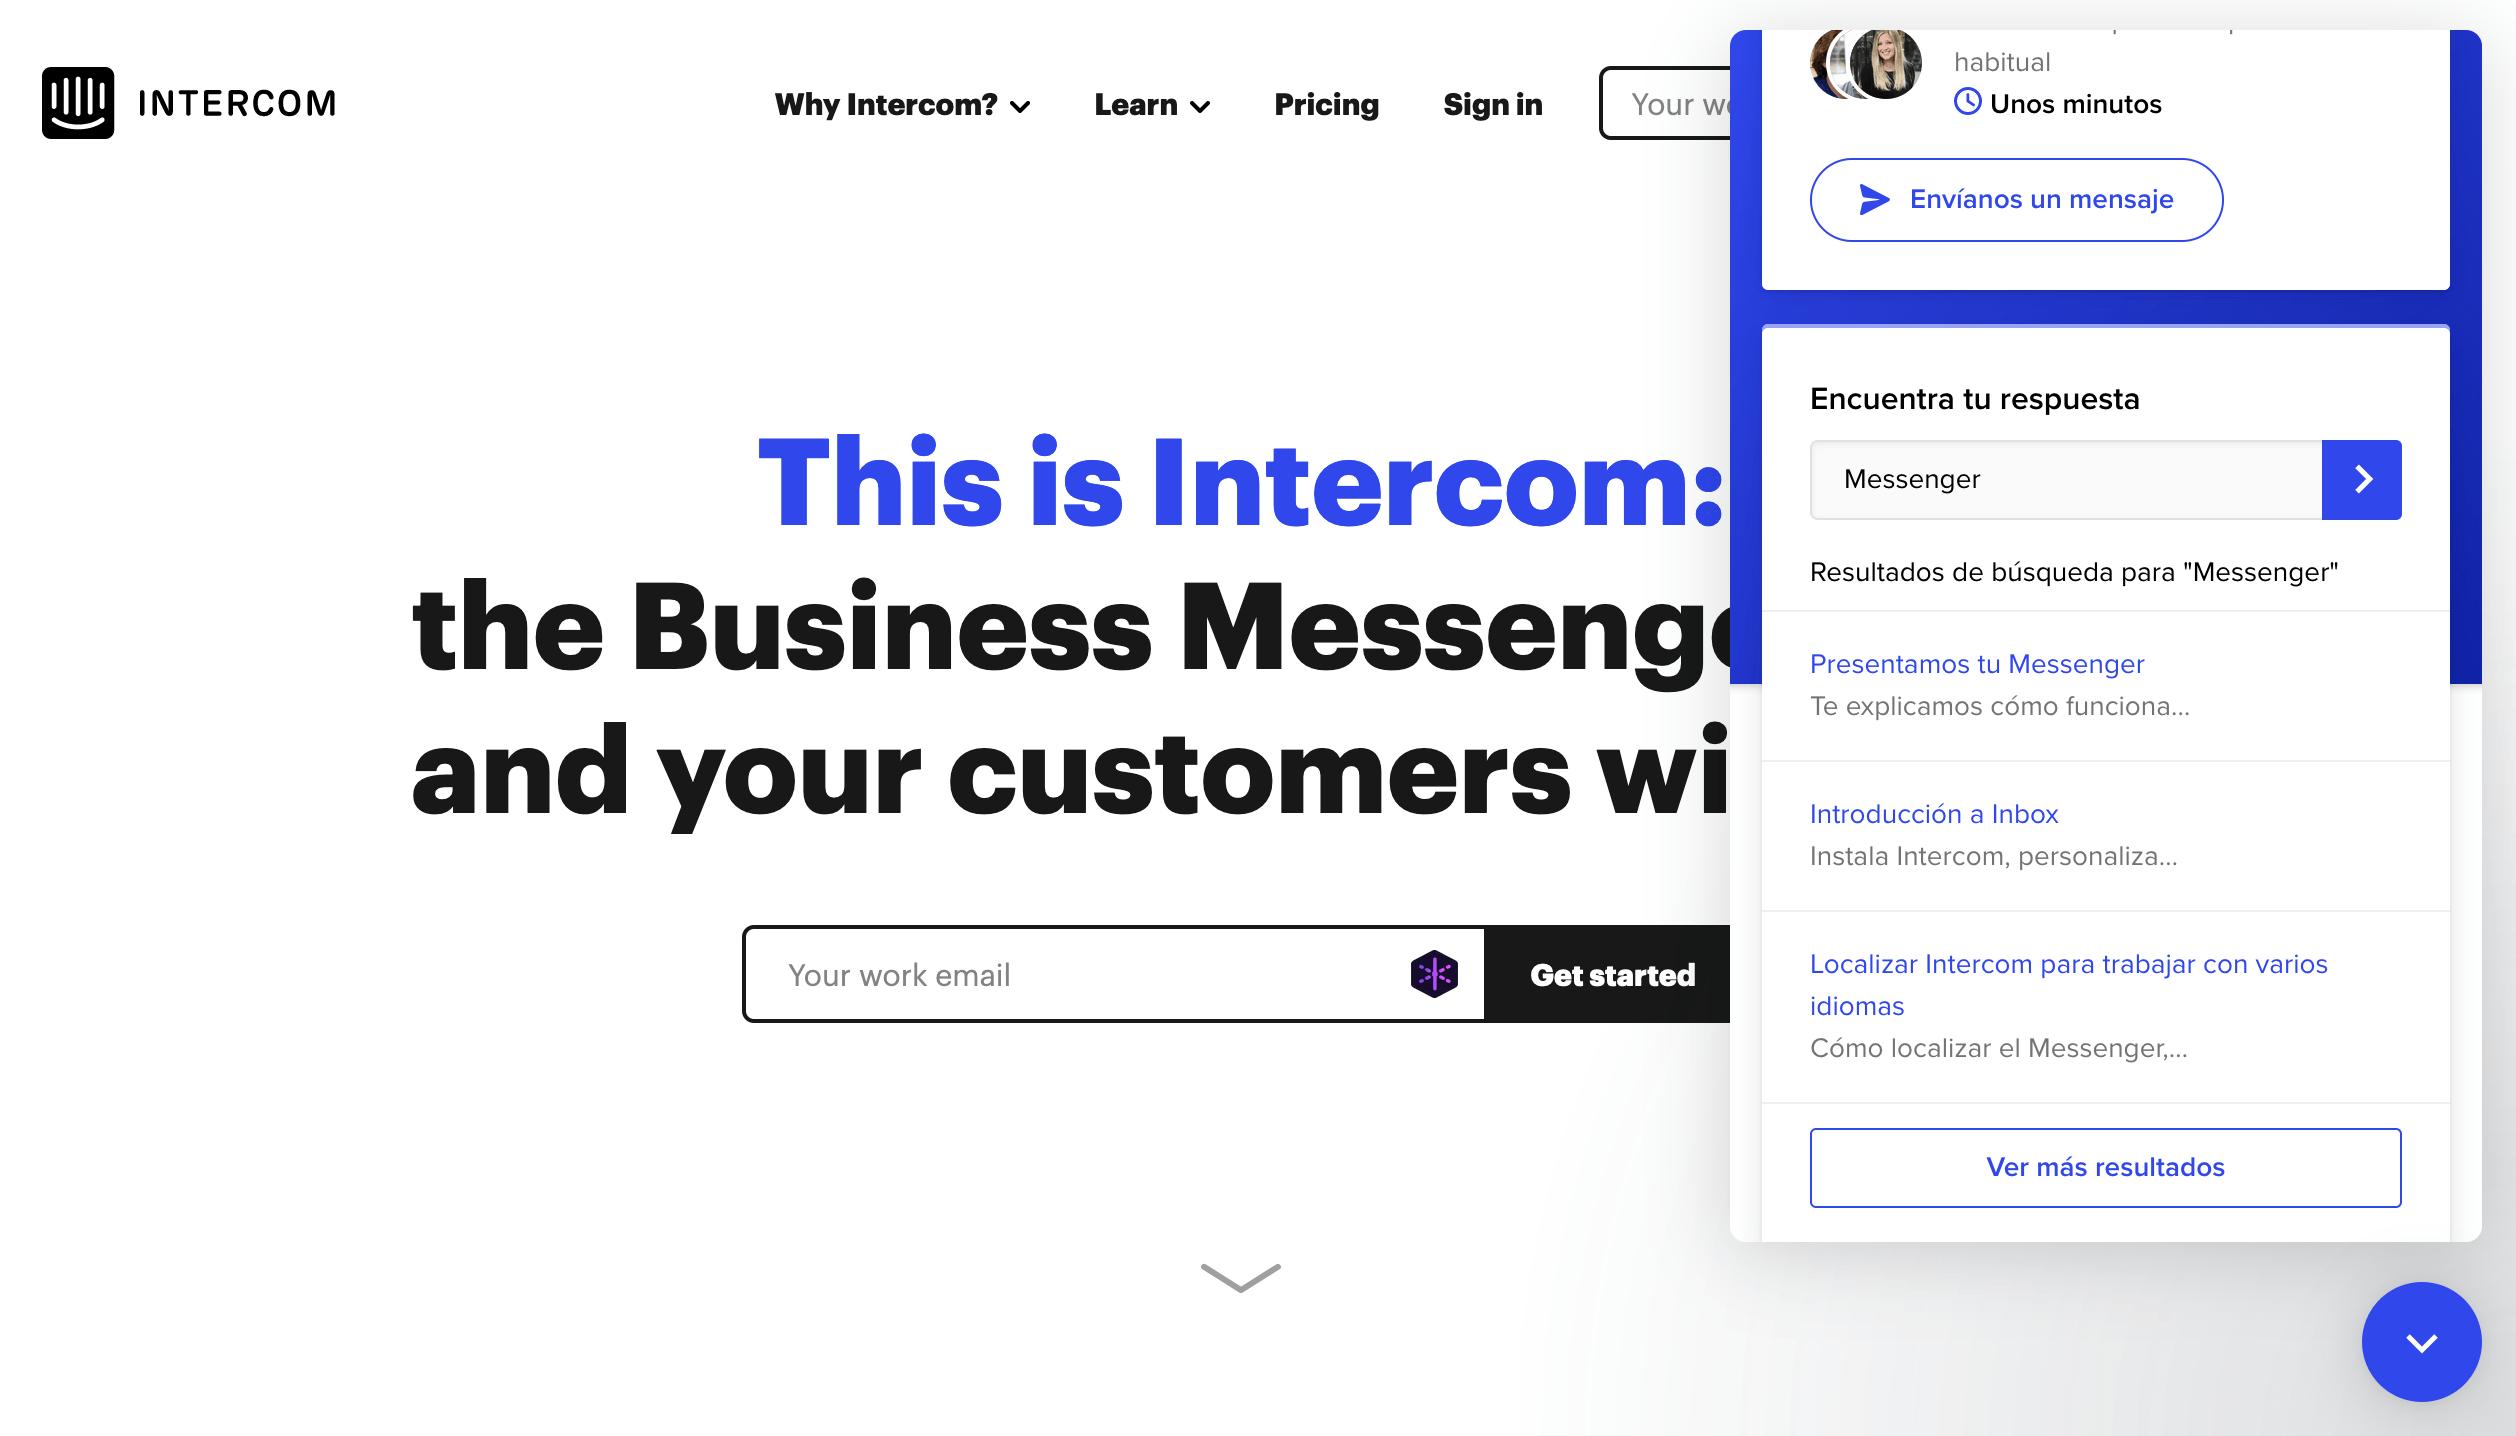 Ejemplo de atención al cliente en eCommerce con integración de chat en vivo y base de conocimiento.